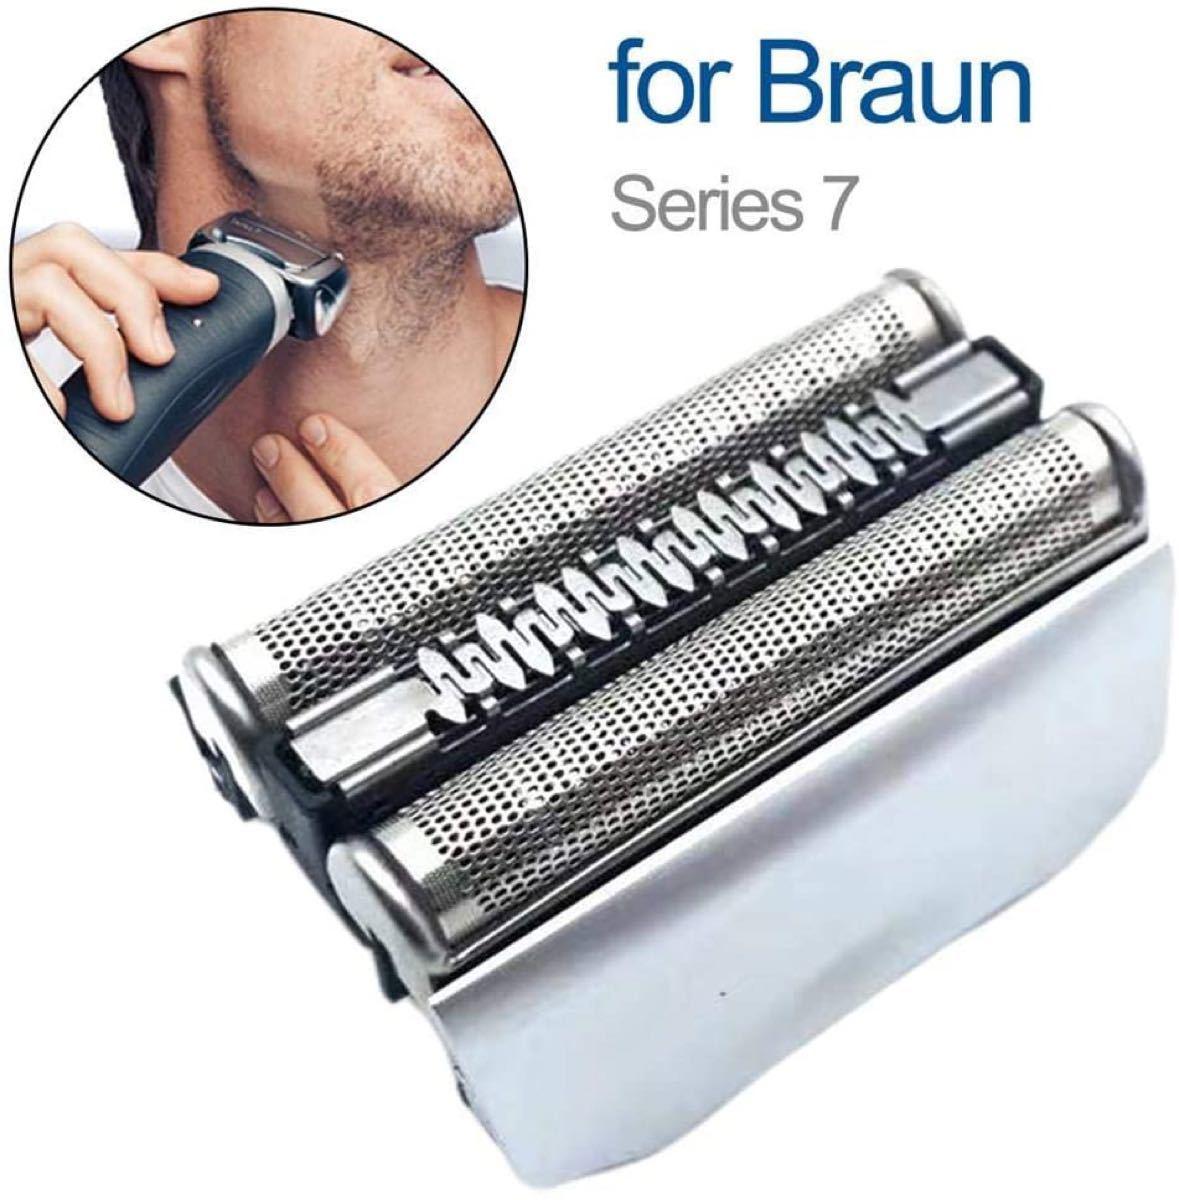 ブラウン  BRAUN 替刃 シリーズ7  70S 互換品